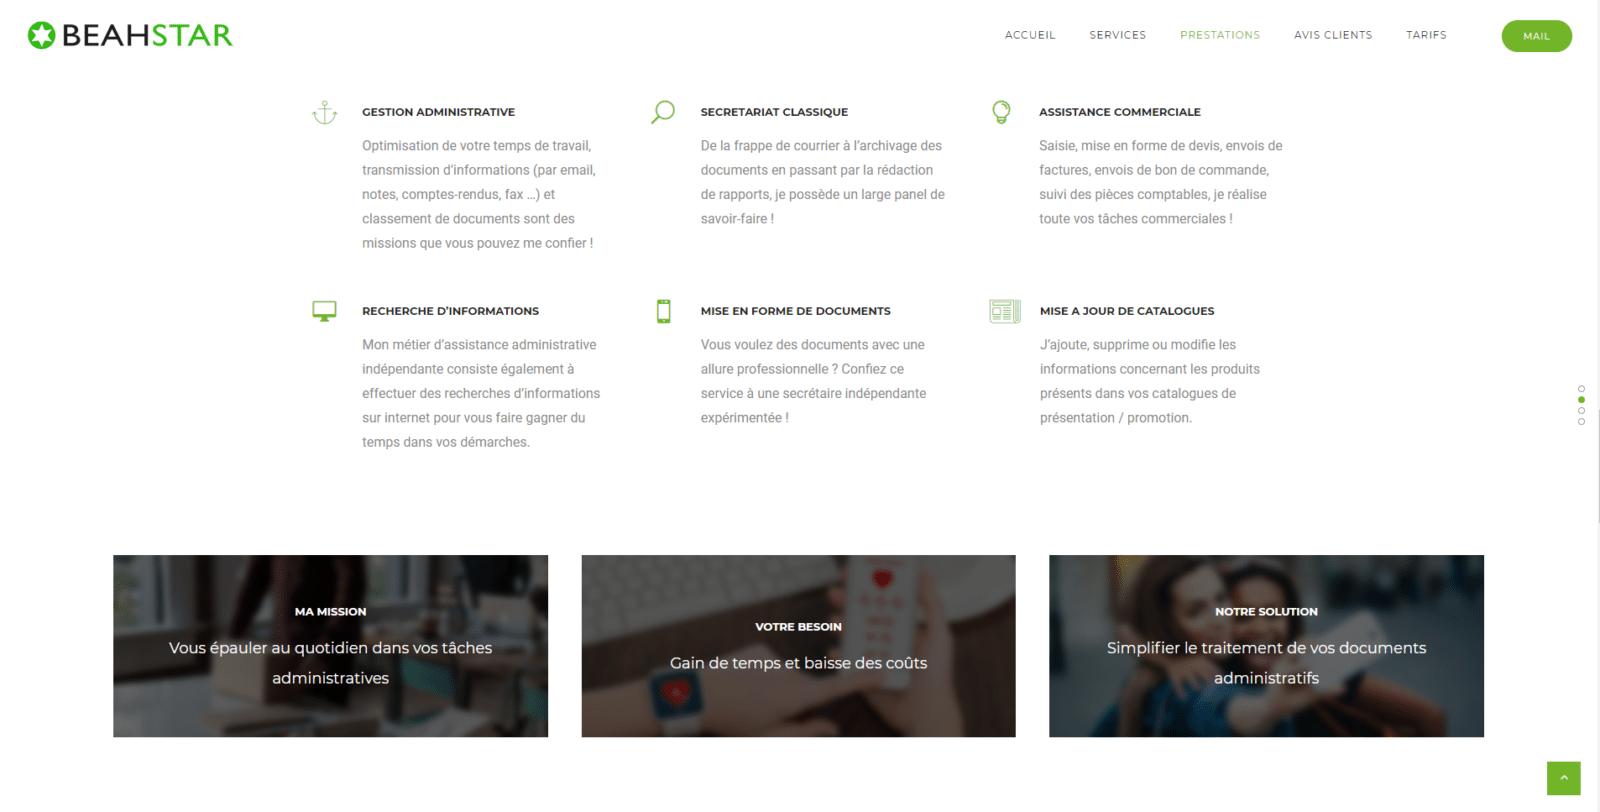 Beahstar est une cliente de l'agence web Karedess, agence web situé à Mulhouse